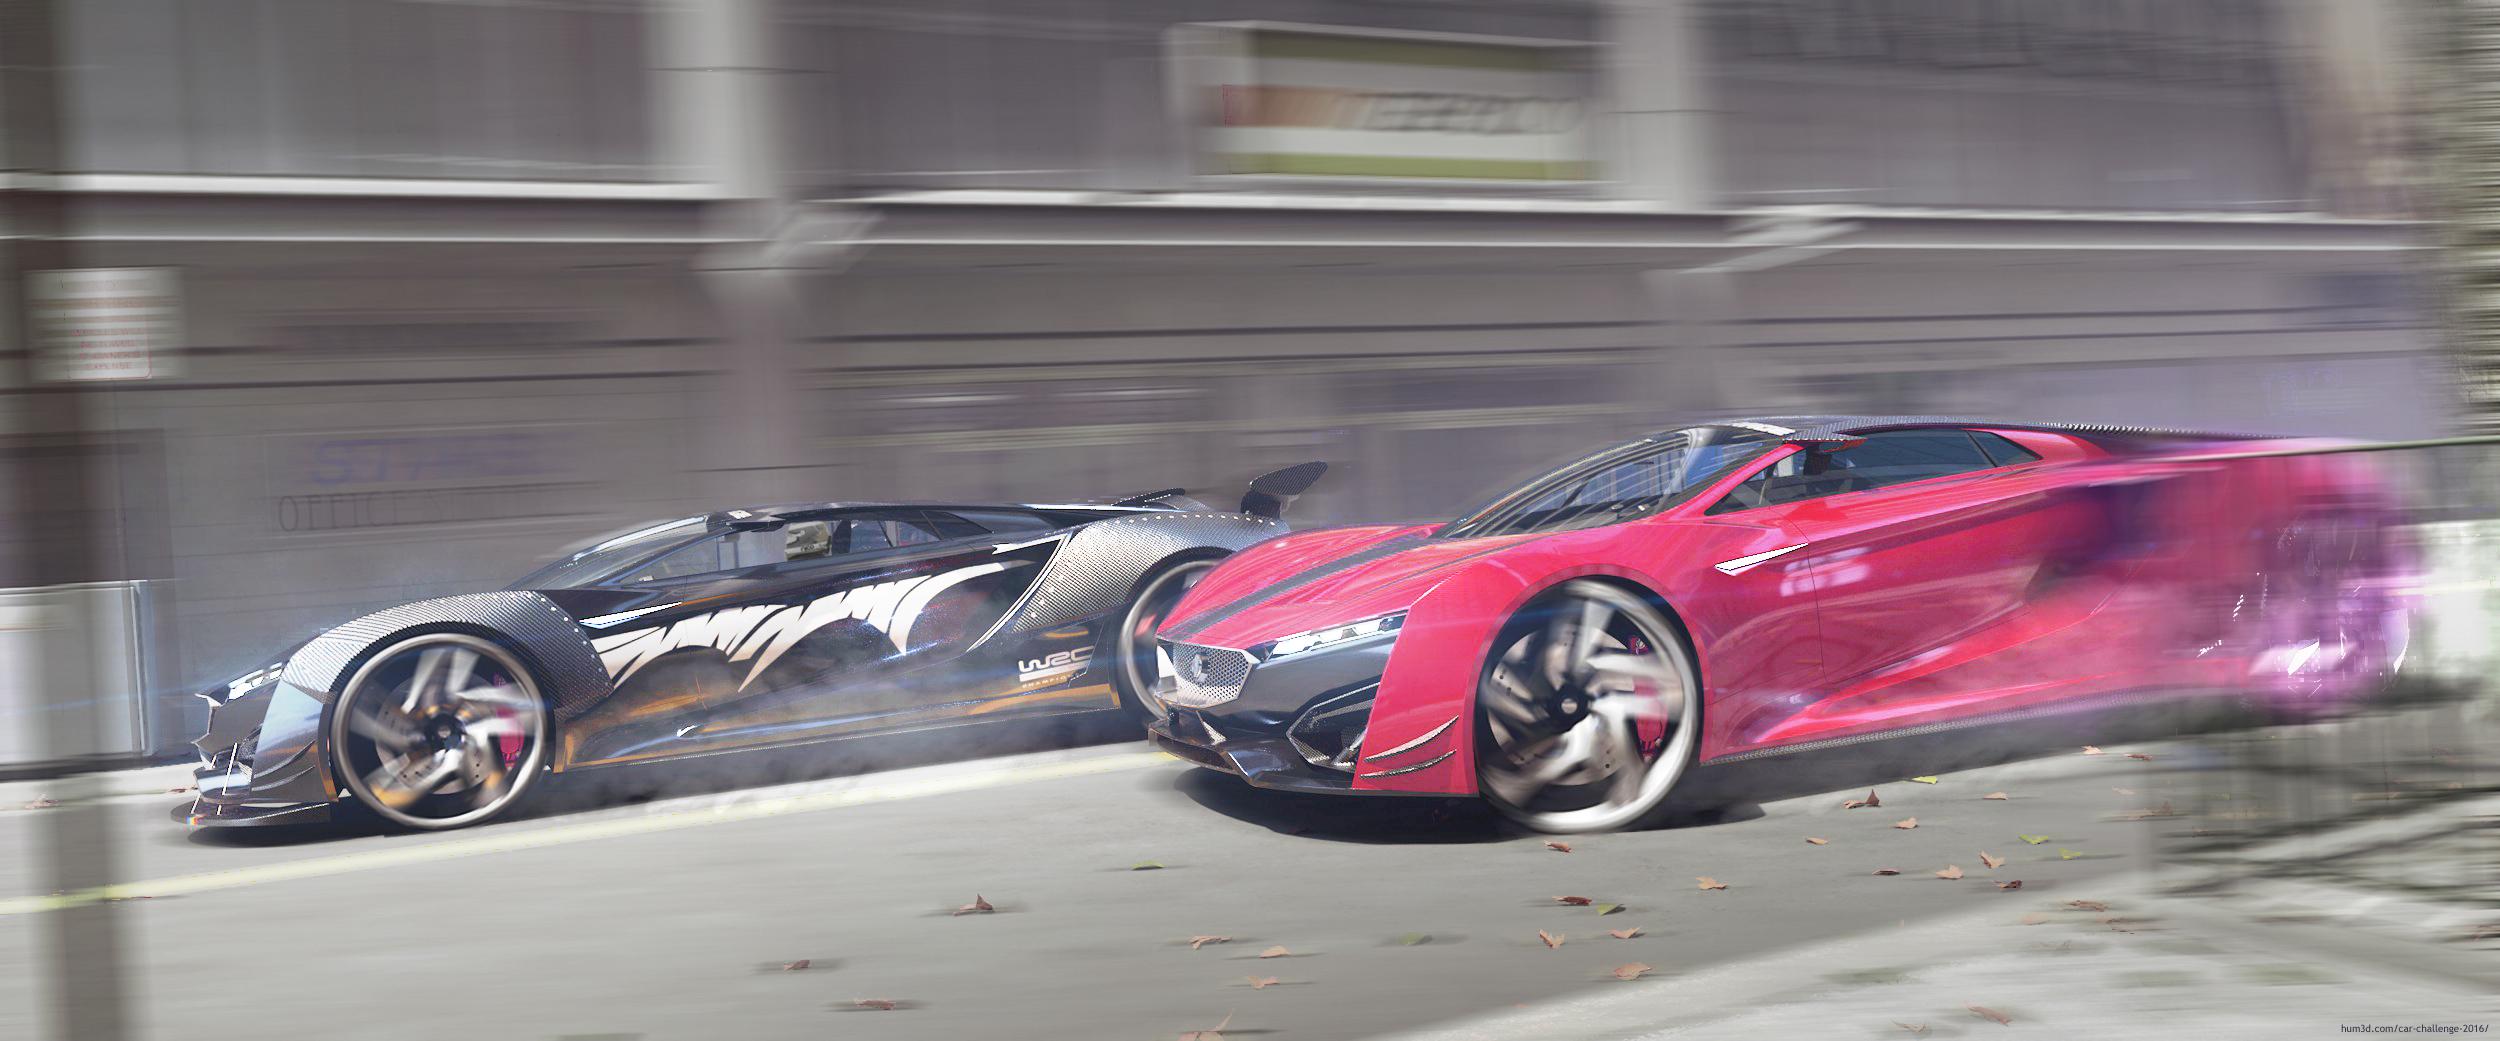 Concept car rendering 3d art